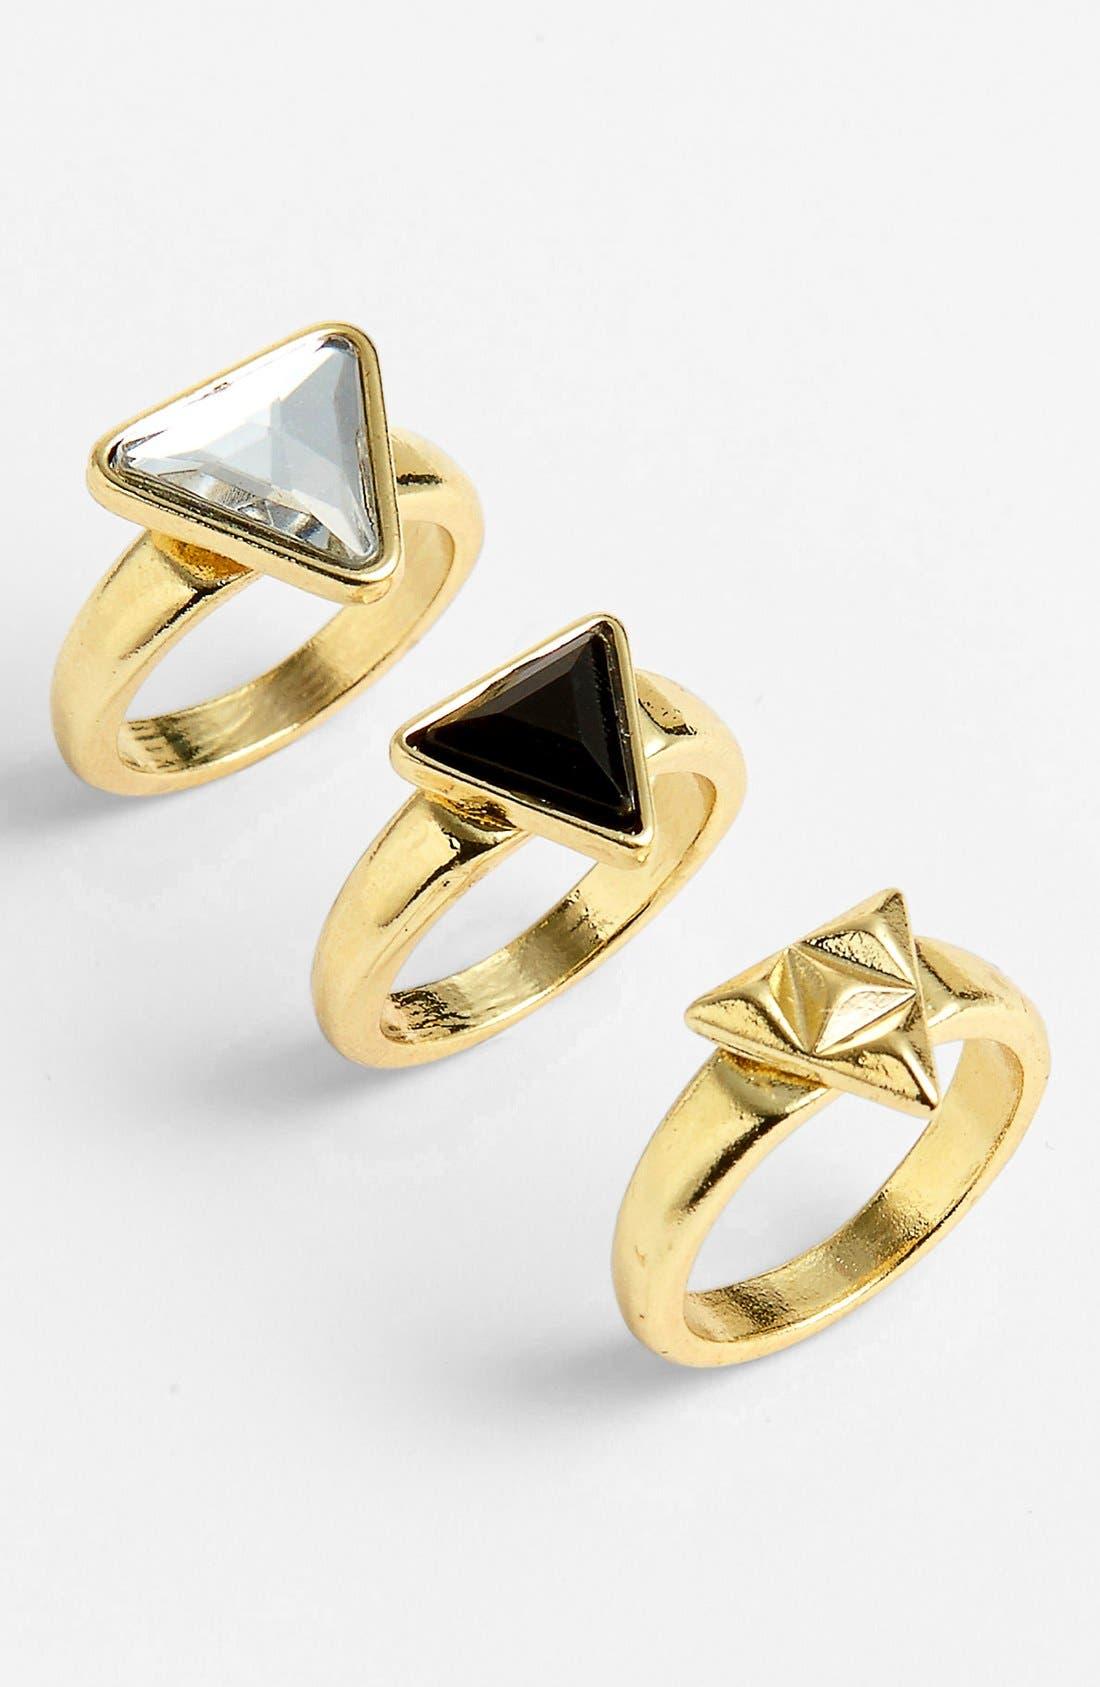 Main Image - Carole Triangle Rings (Set of 3)